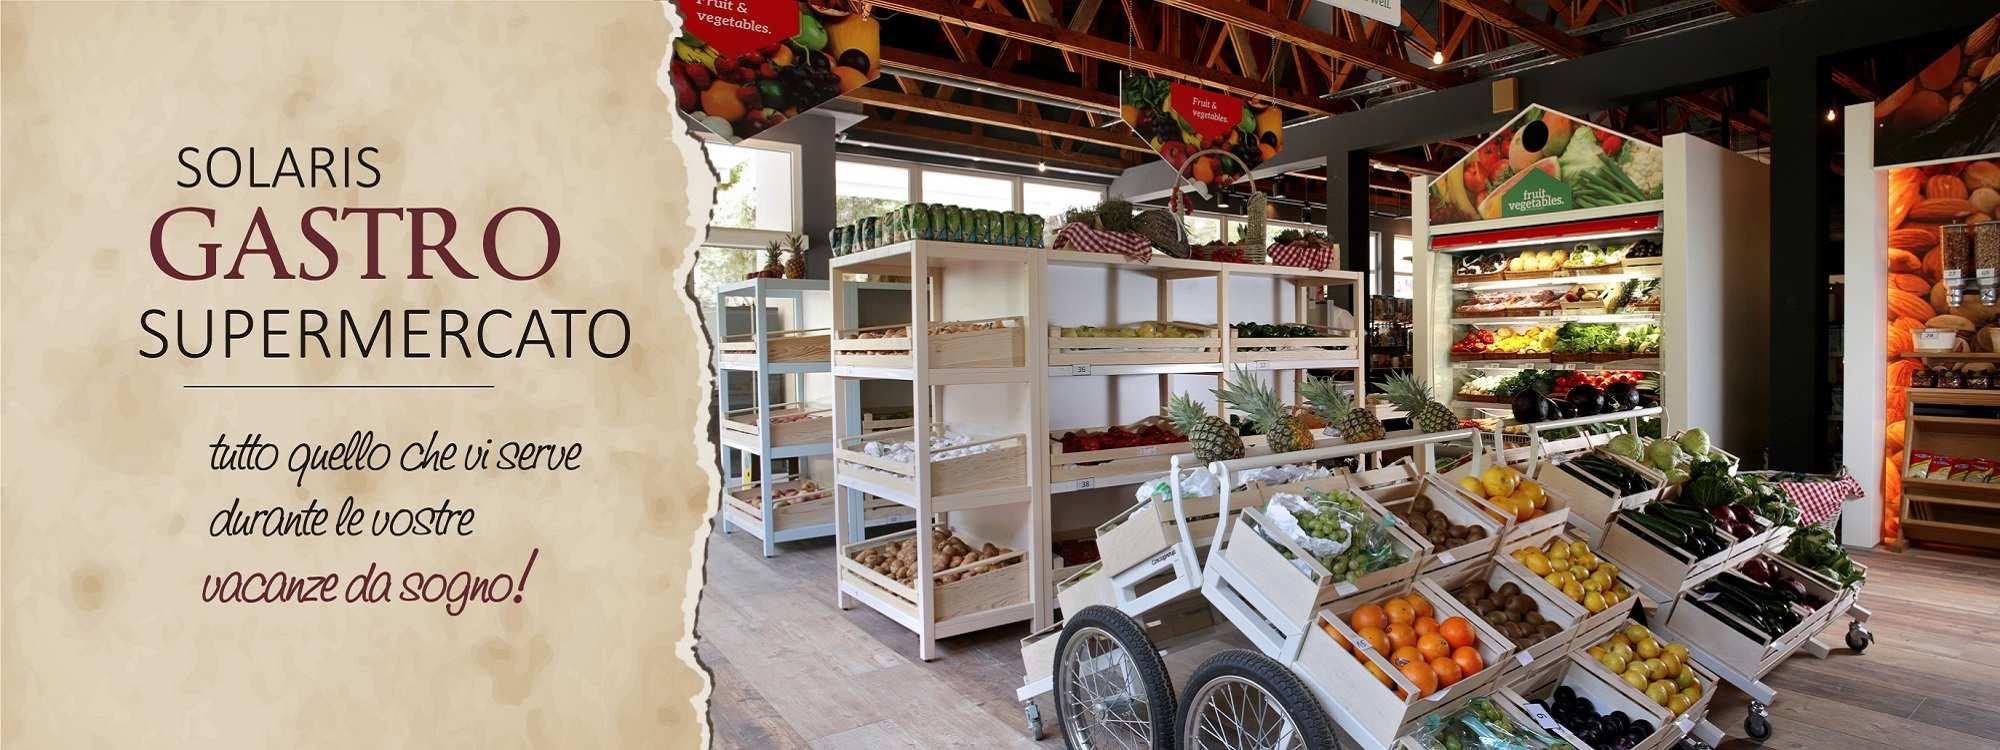 Solaris_shopping_gastro_supermercato_campeggio_croazia_vacanze